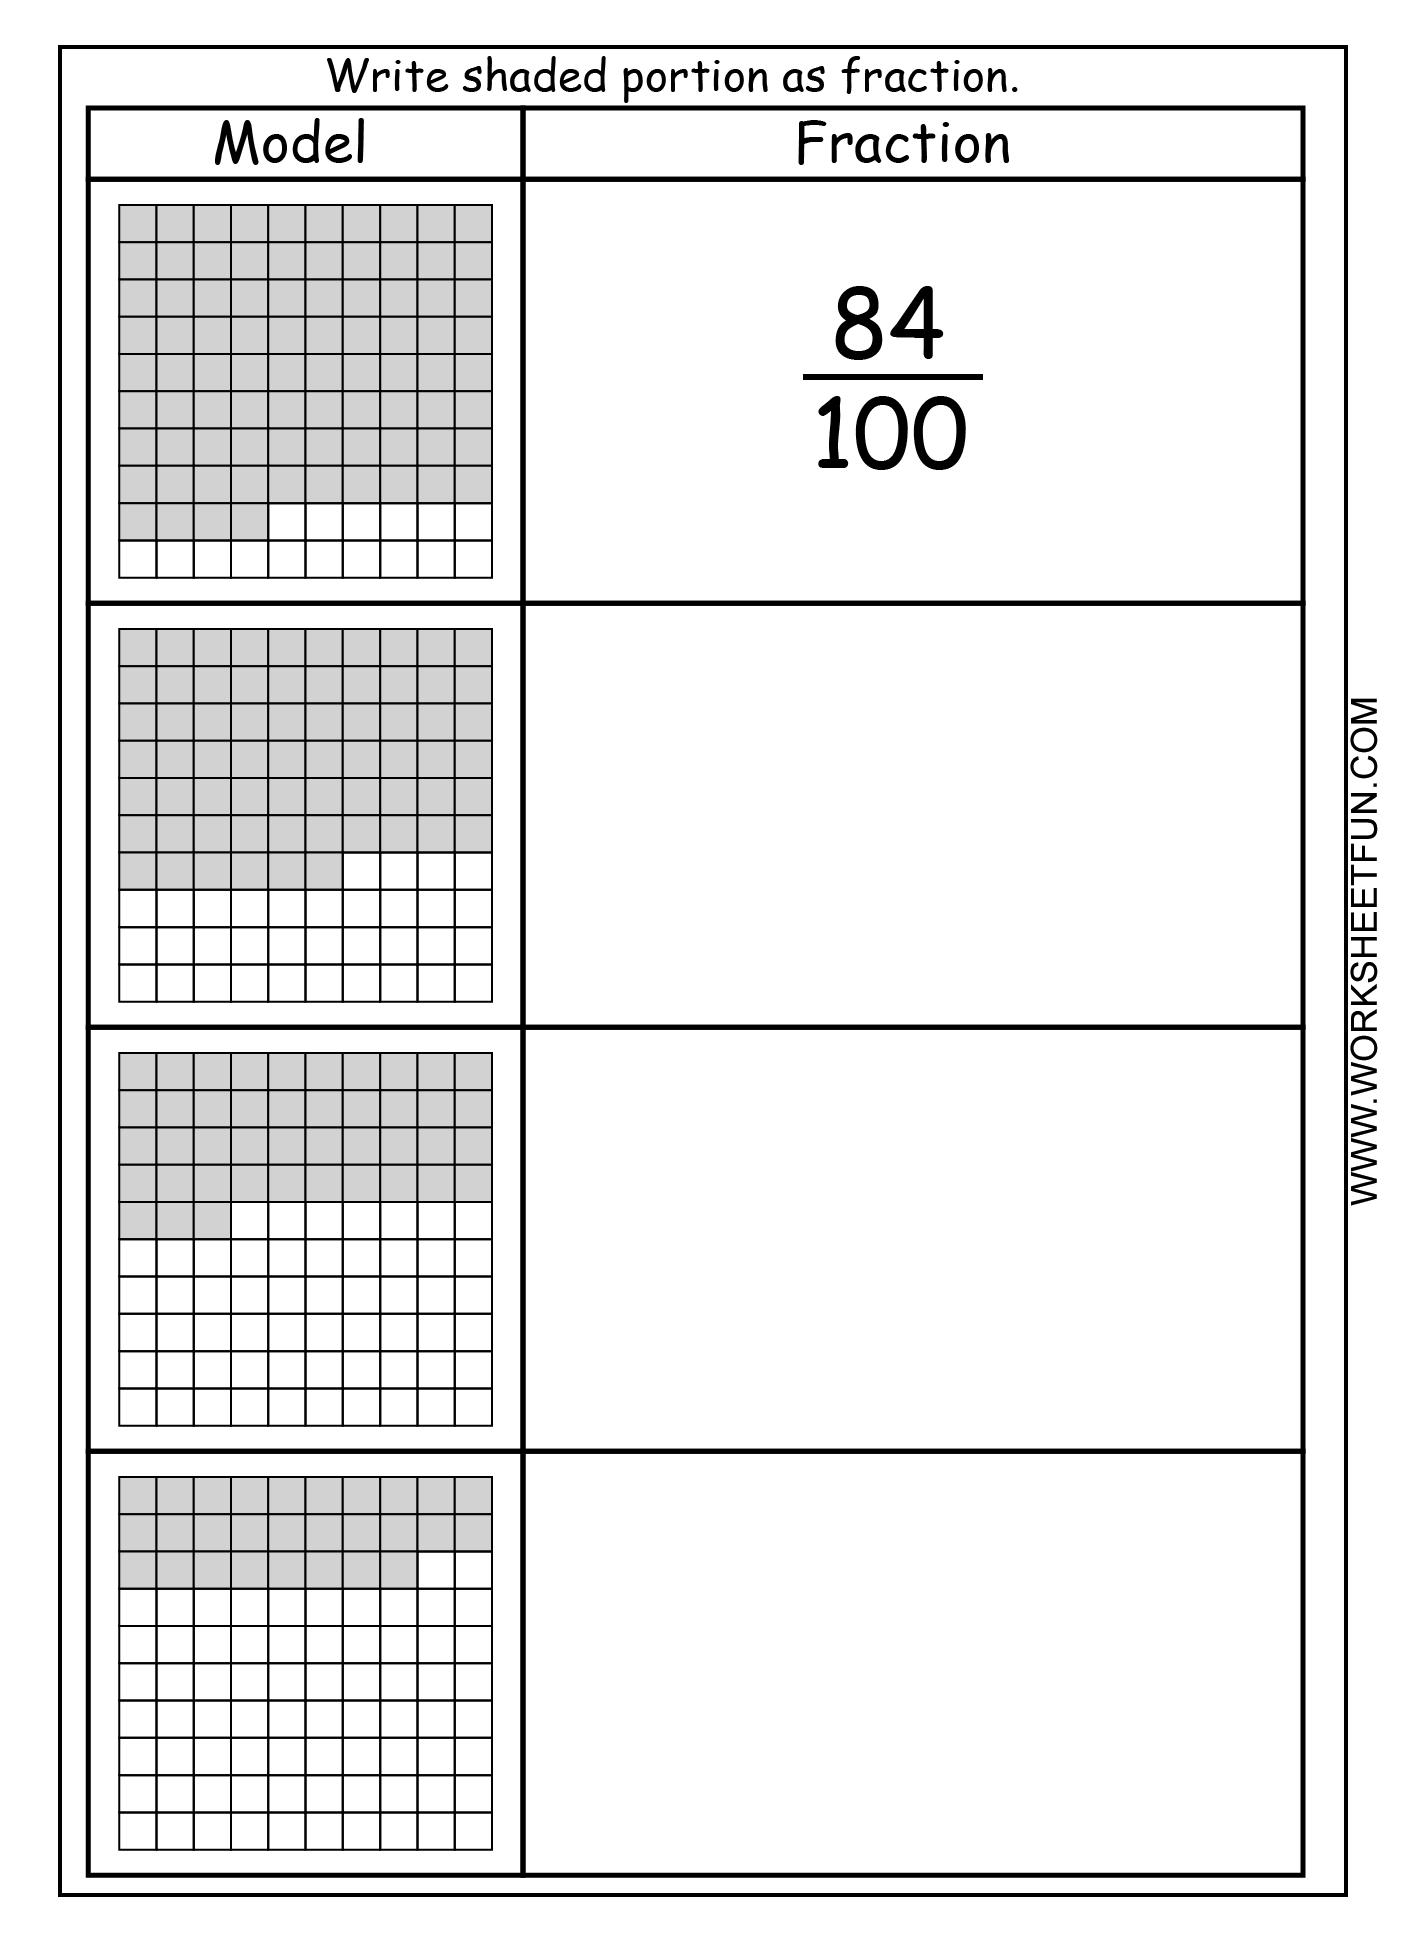 Fraction Model Hundredths 4 Worksheets Free Printable Worksheets Worksheetfun